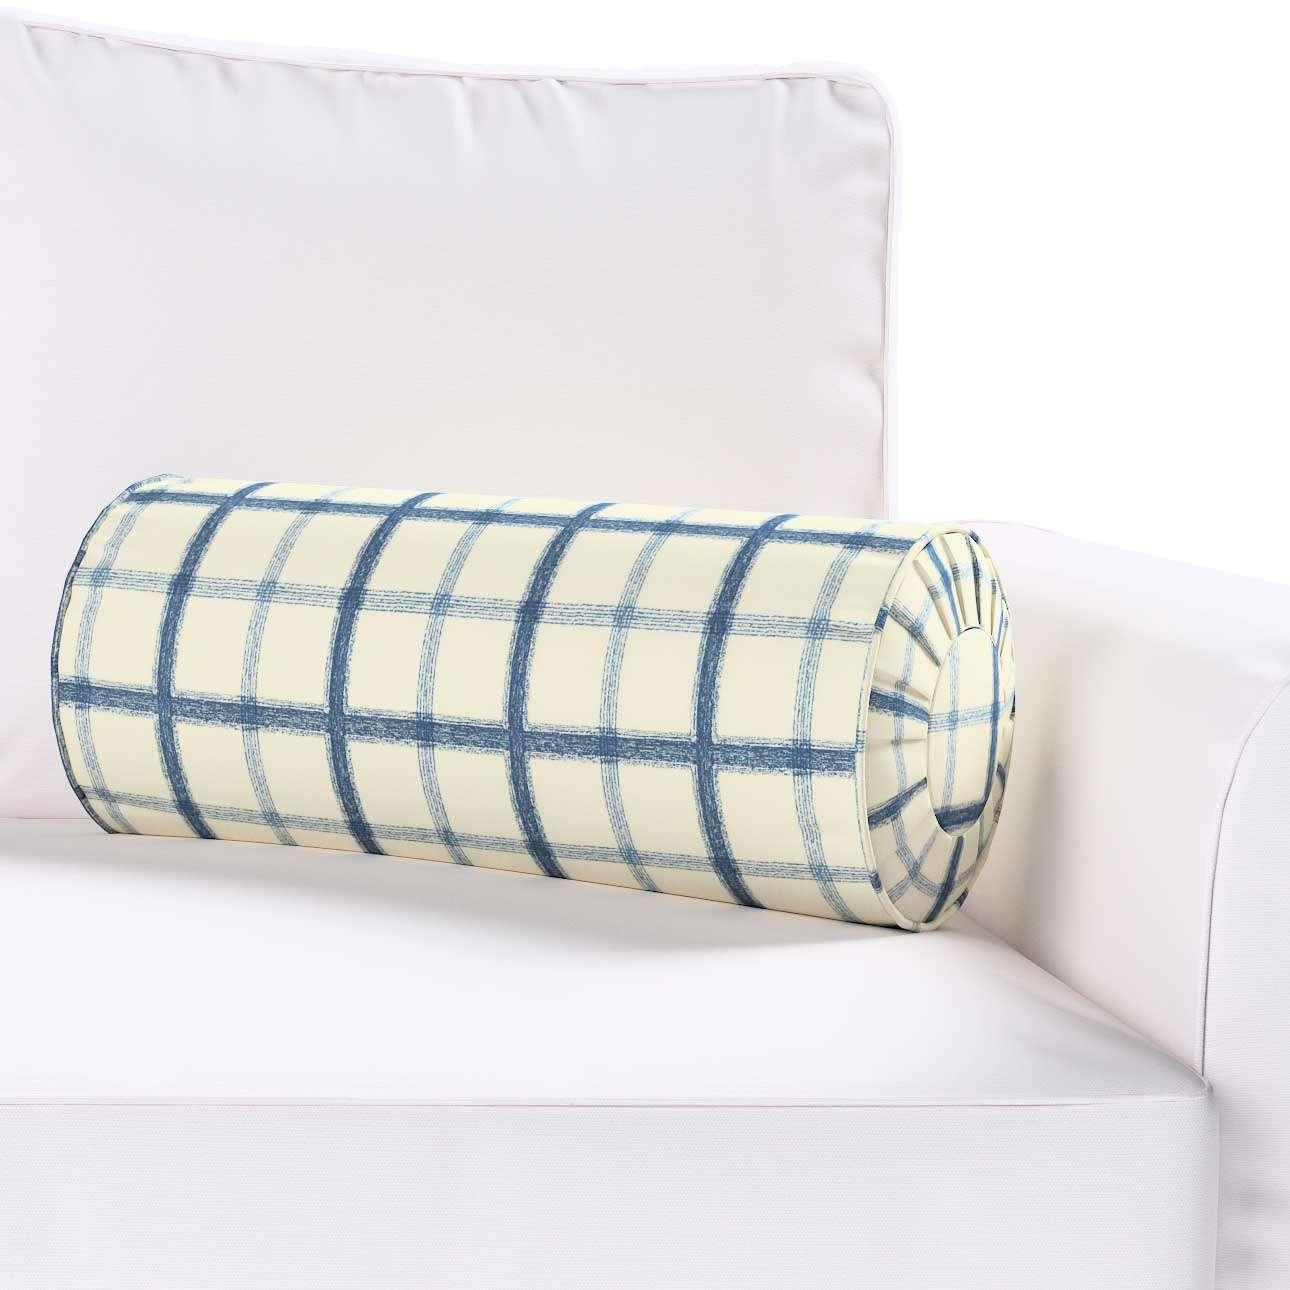 Poduszka wałek z zakładkami Ø 20 x 50 cm w kolekcji Avinon, tkanina: 131-66